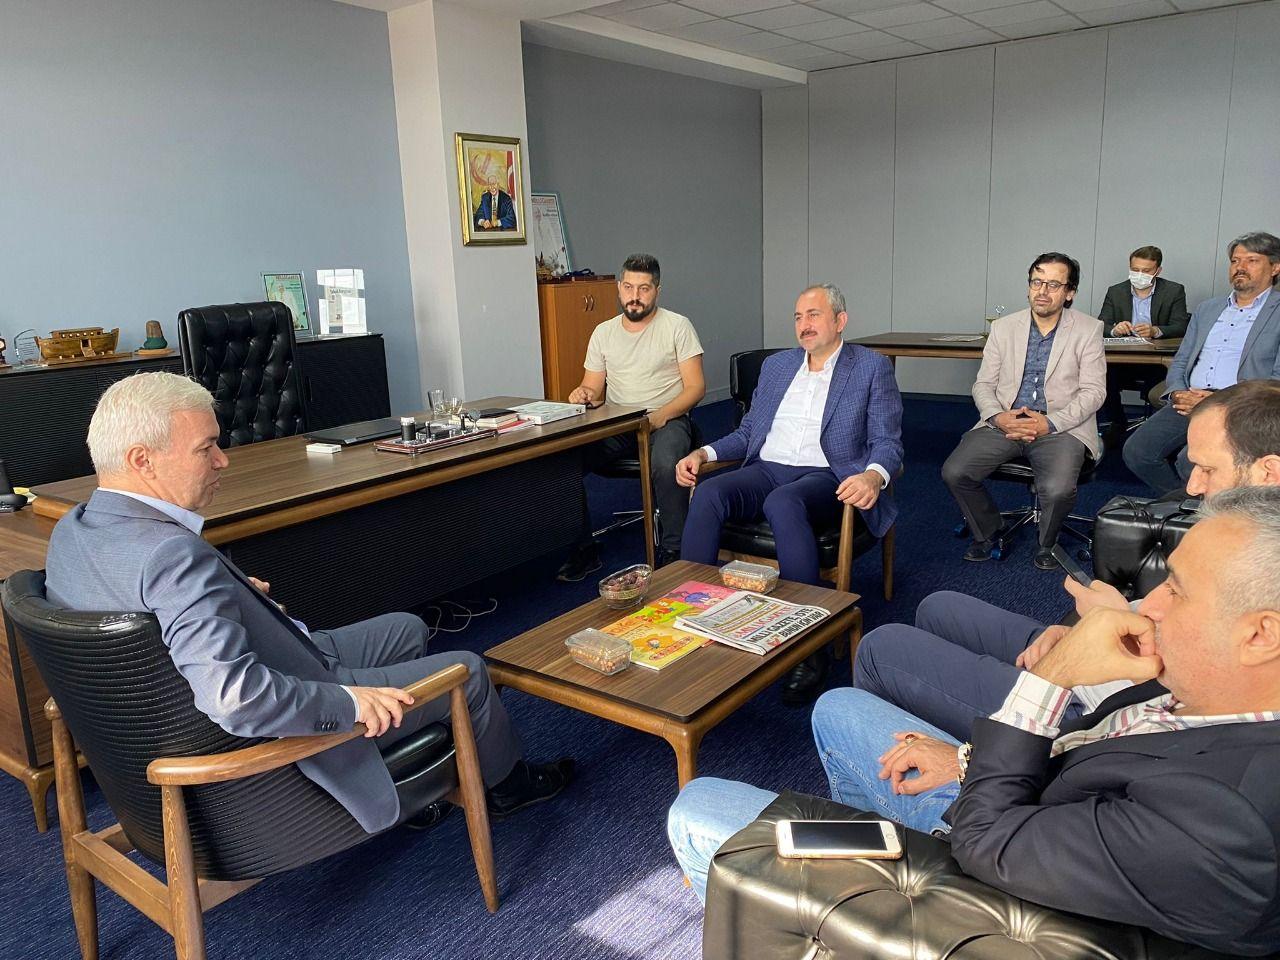 Justice Minister Gül visits Milli Gazete